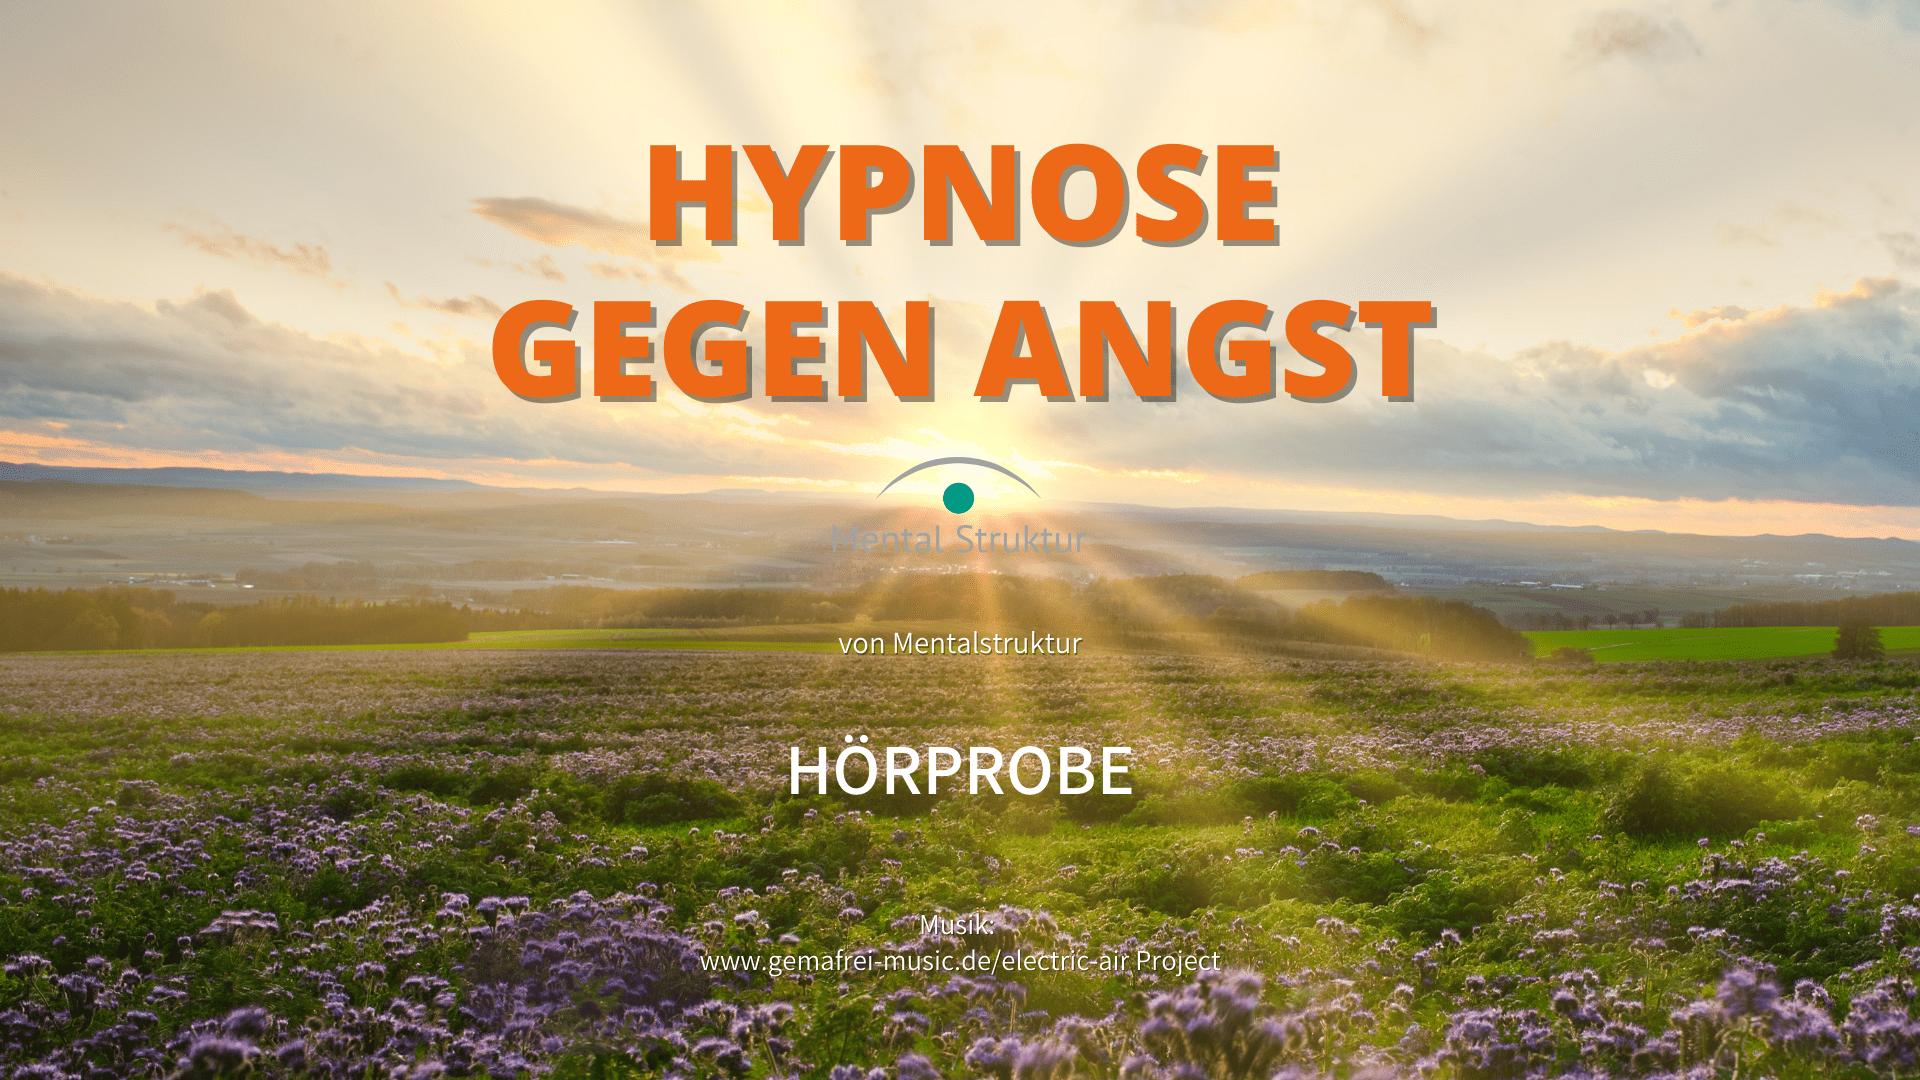 Ängste überwinden - Hypnose gegen Angst Nr.1 6 Hypnose gegen Angst